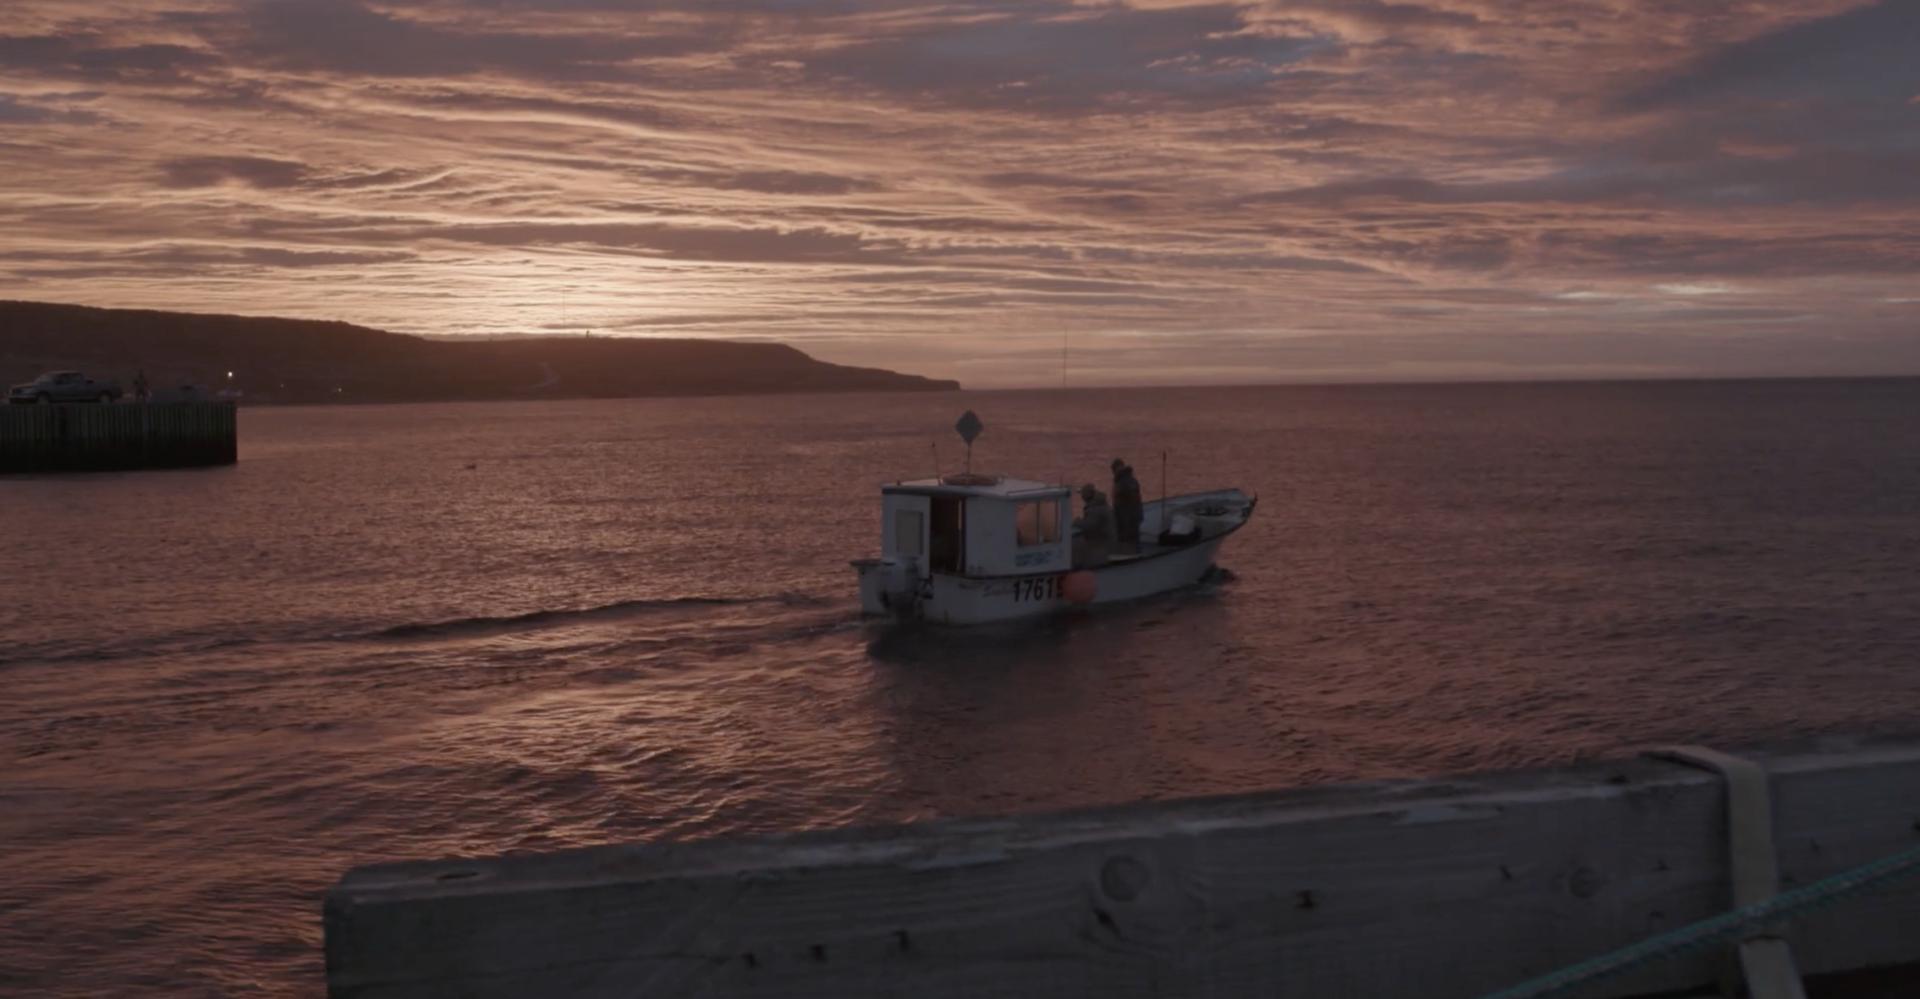 Temps et marées : le bonheur et l'identité dans un coin méconnu du Québec